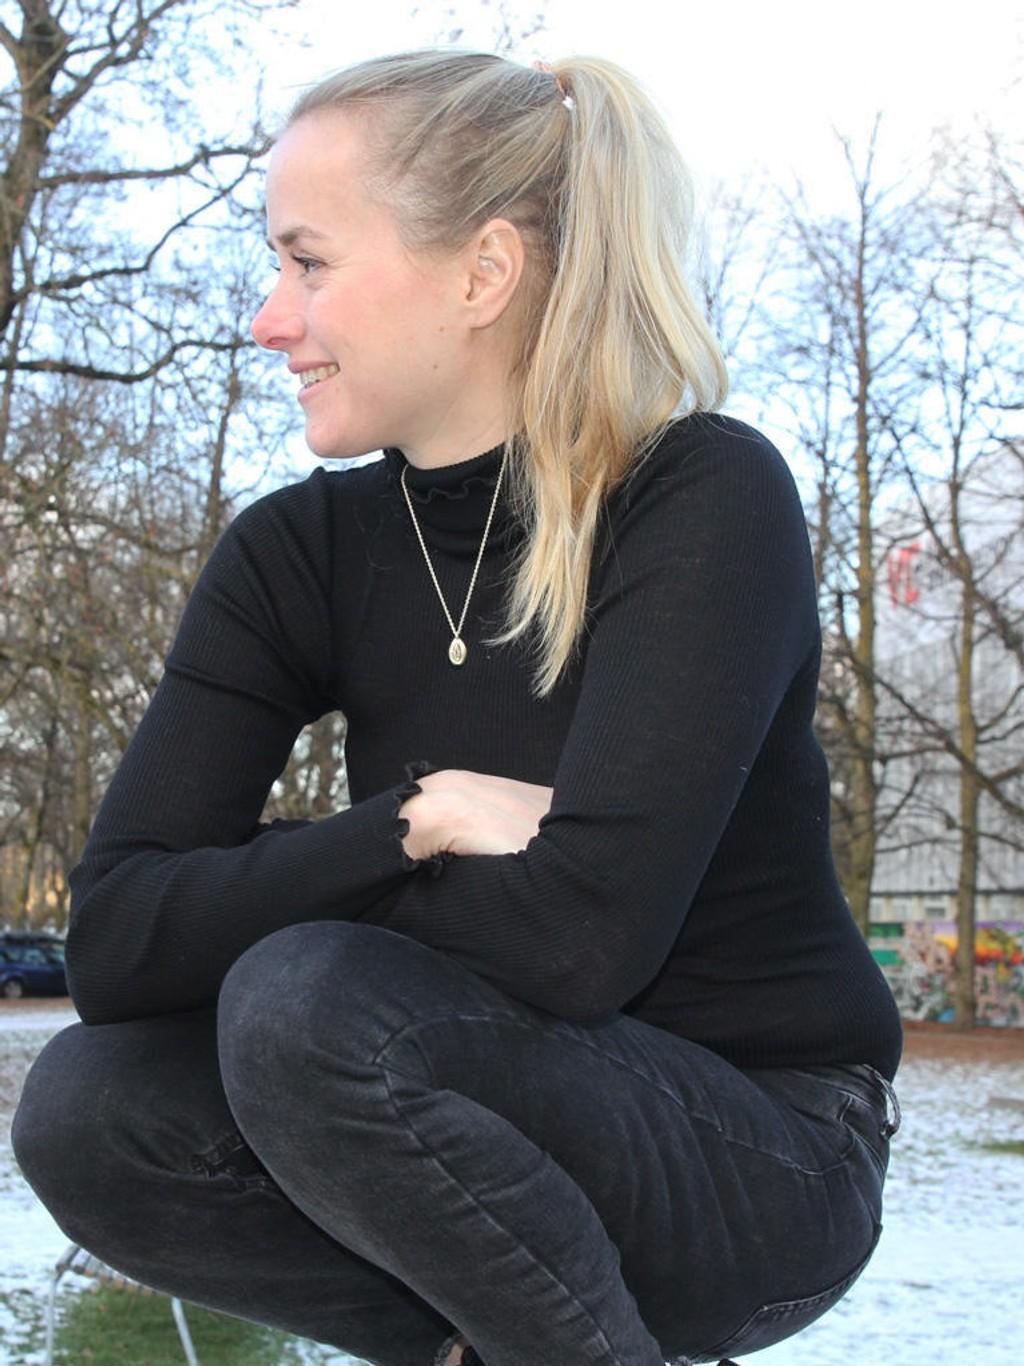 norske snapchat jenter deilige